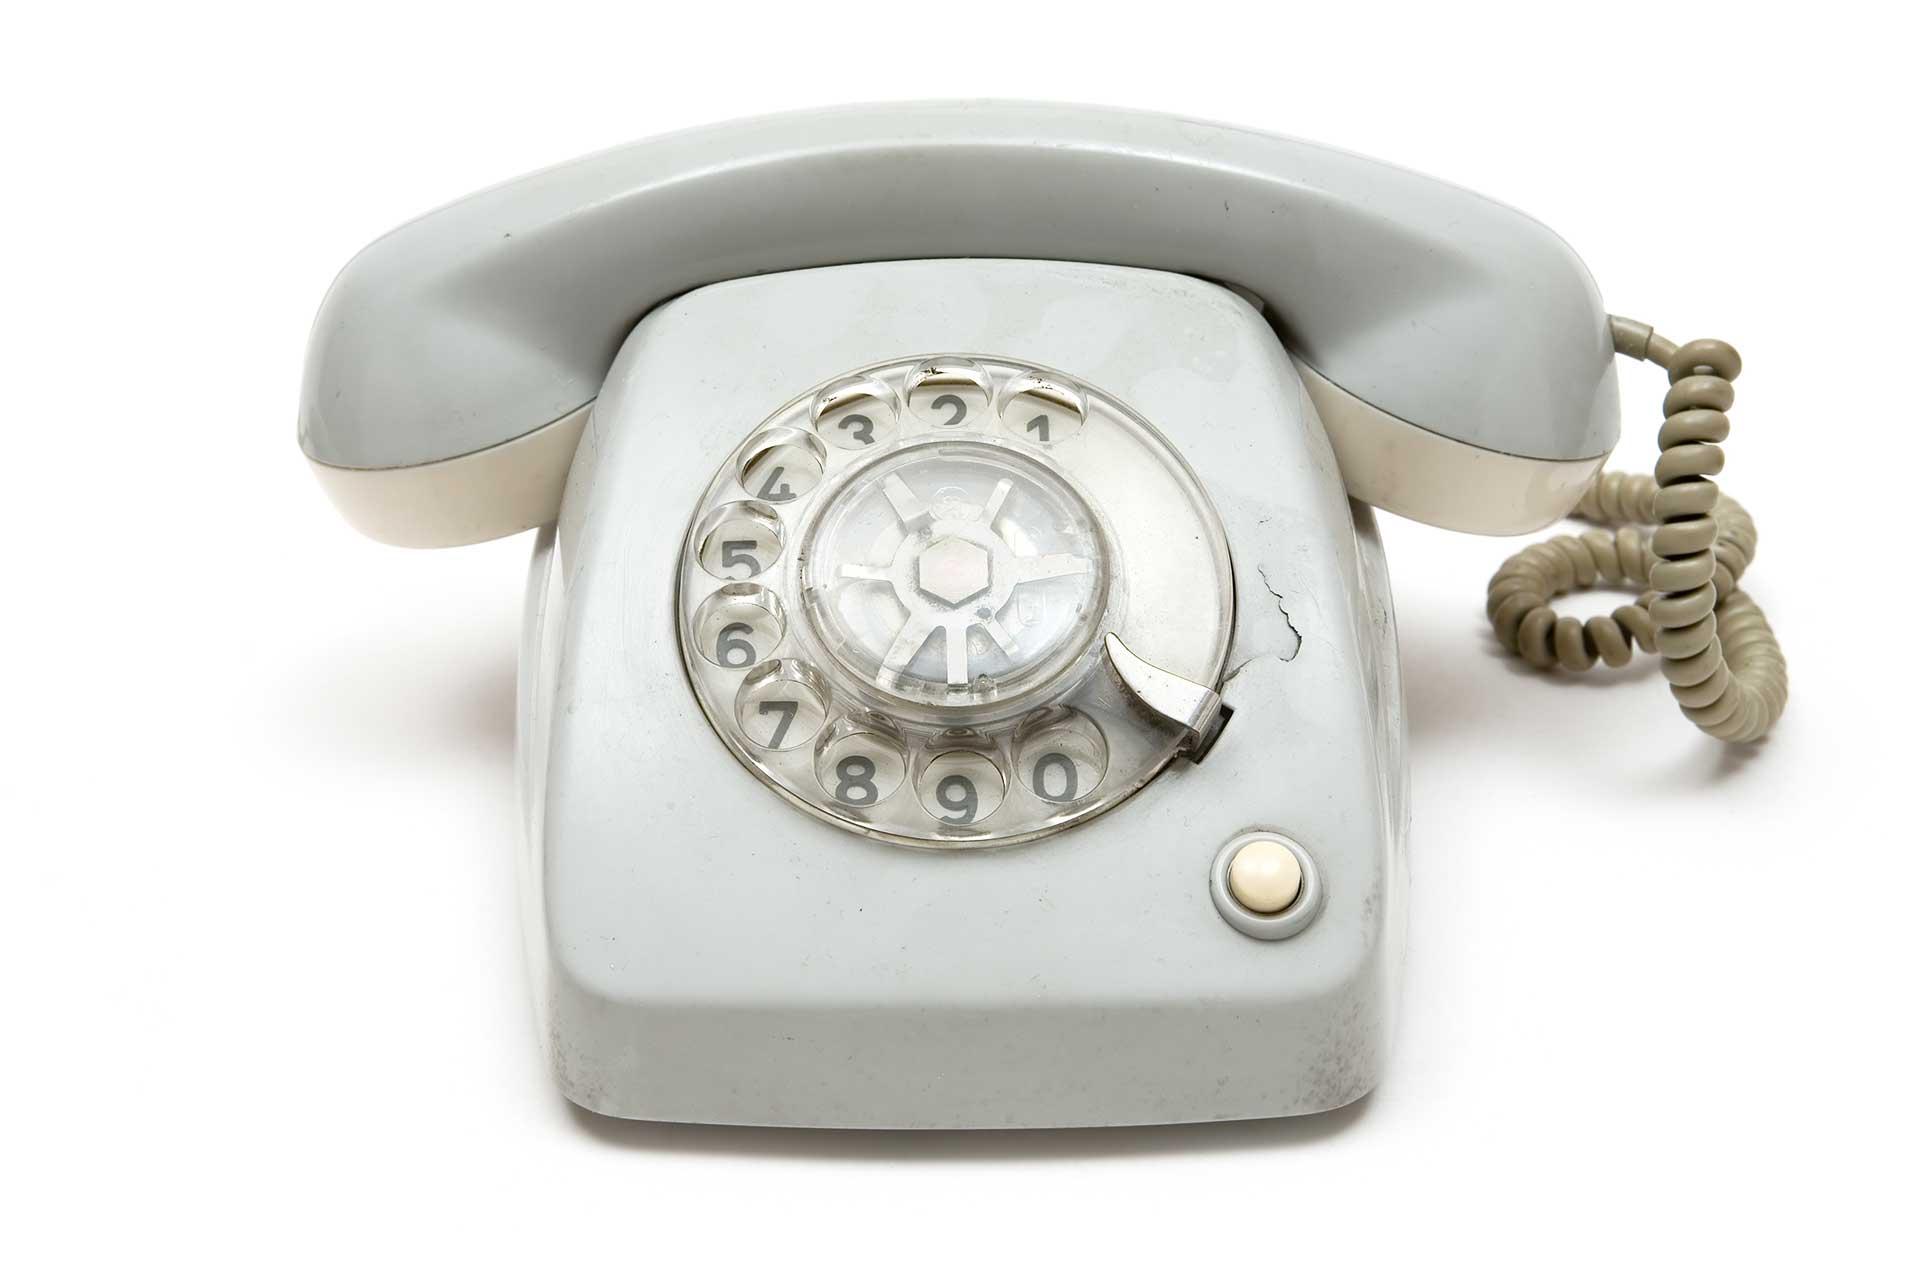 Teléfono Jateko Etxea para llevar - Take away Bilbao